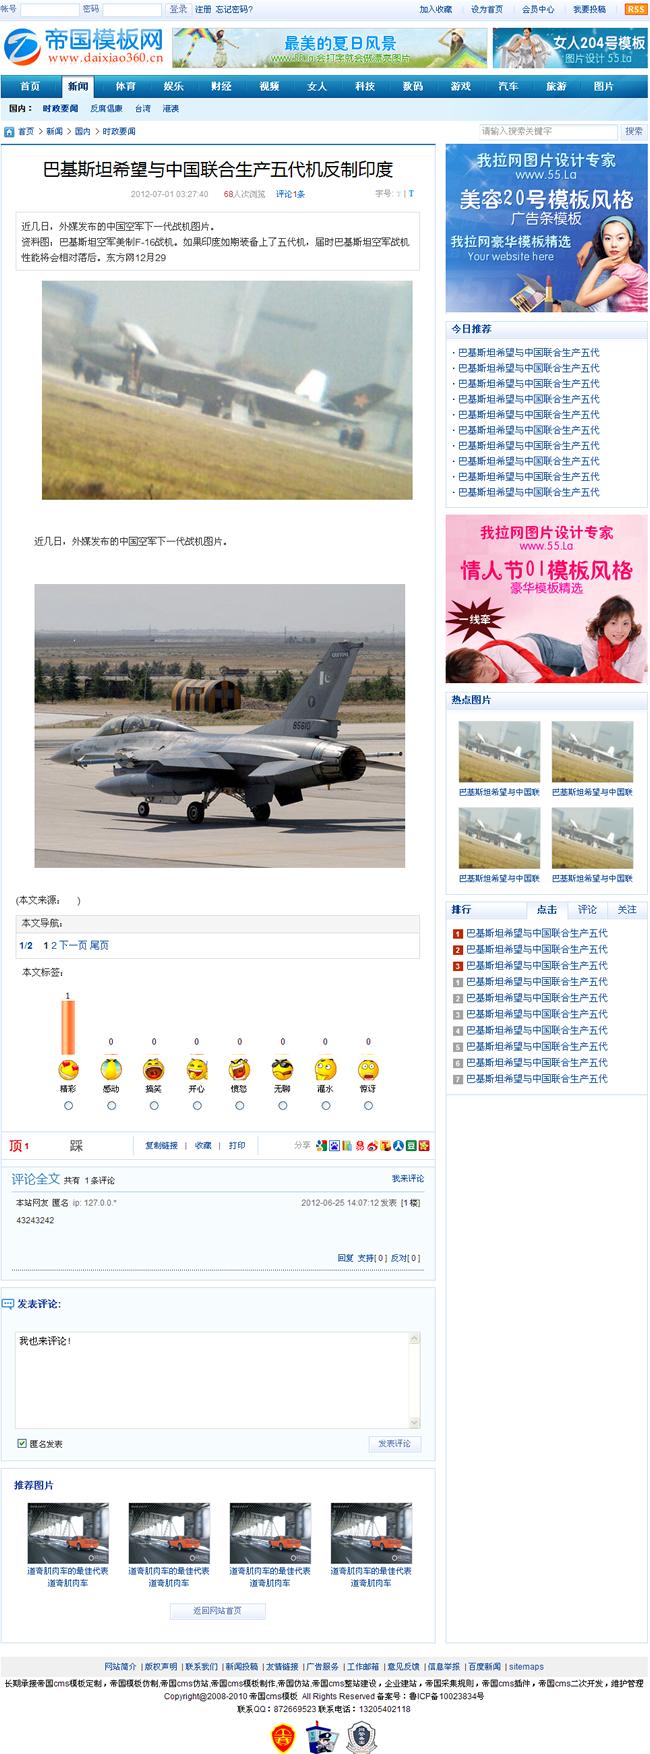 帝国cms新闻门户行业资讯网站程序模板_新闻内容